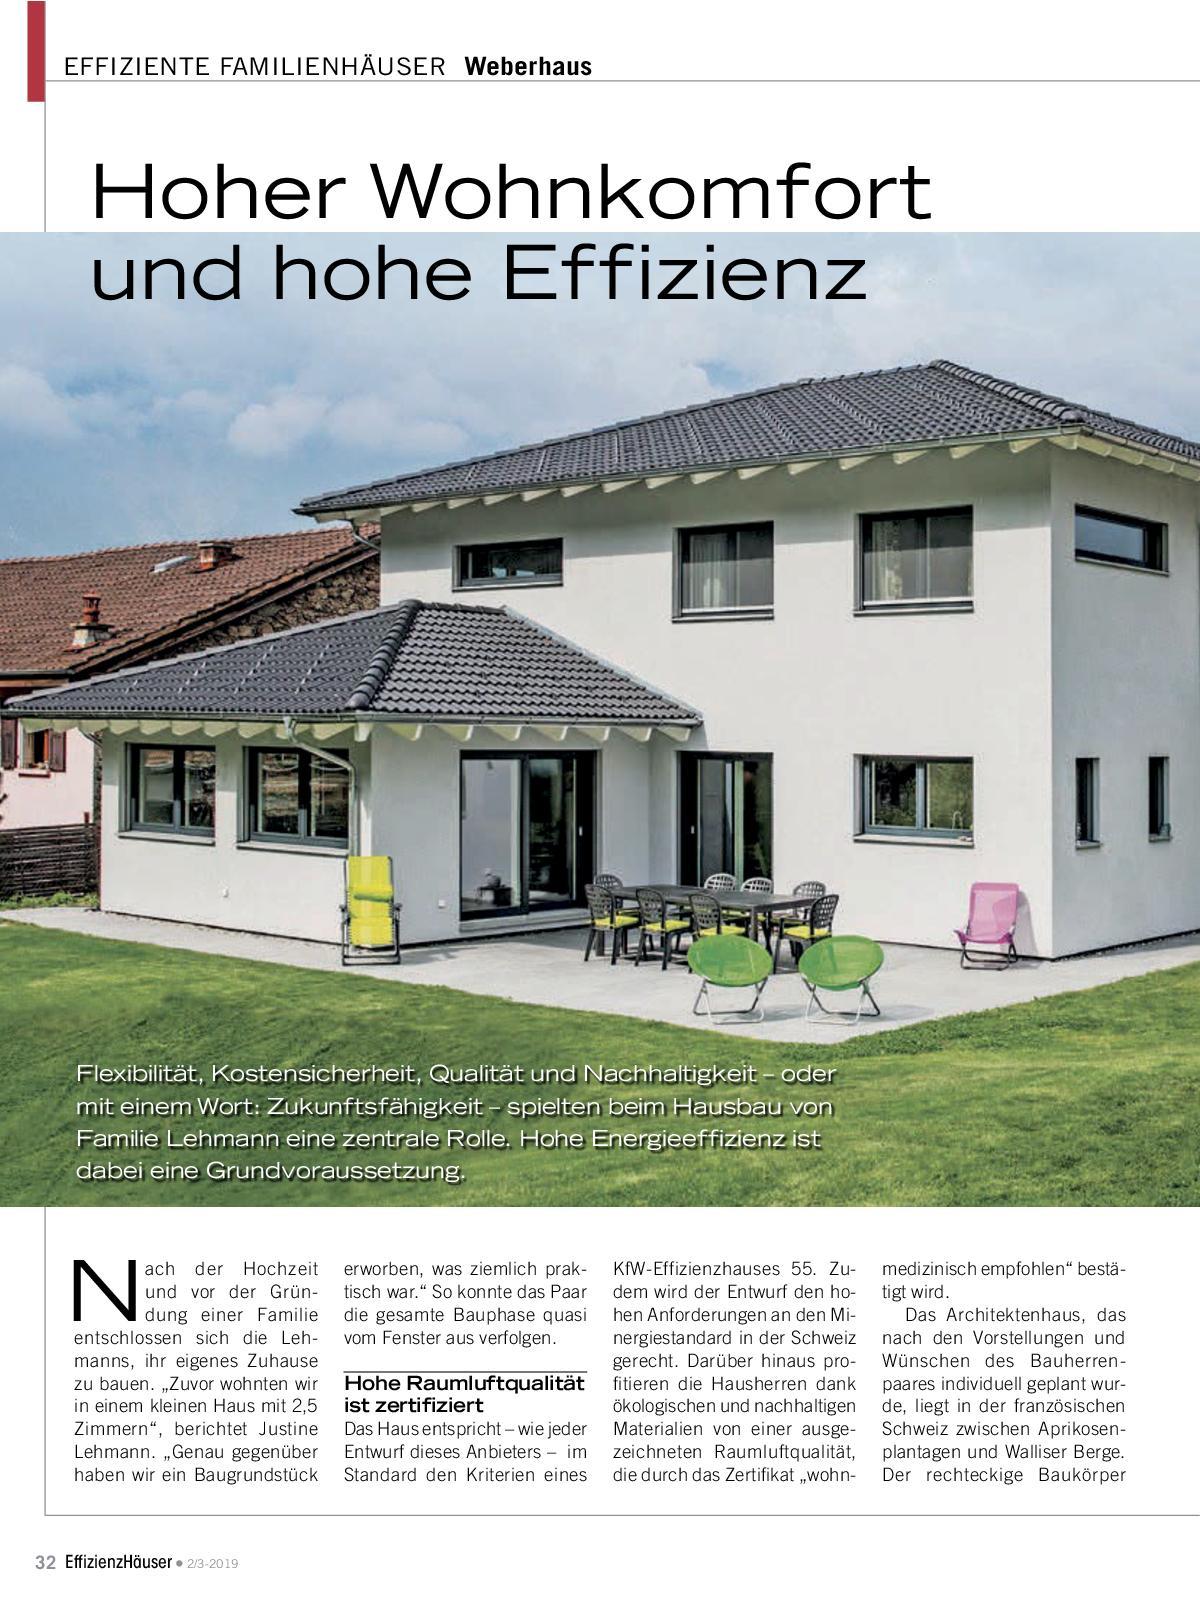 Effizienzhäuser Ausgabe 2/3 2019